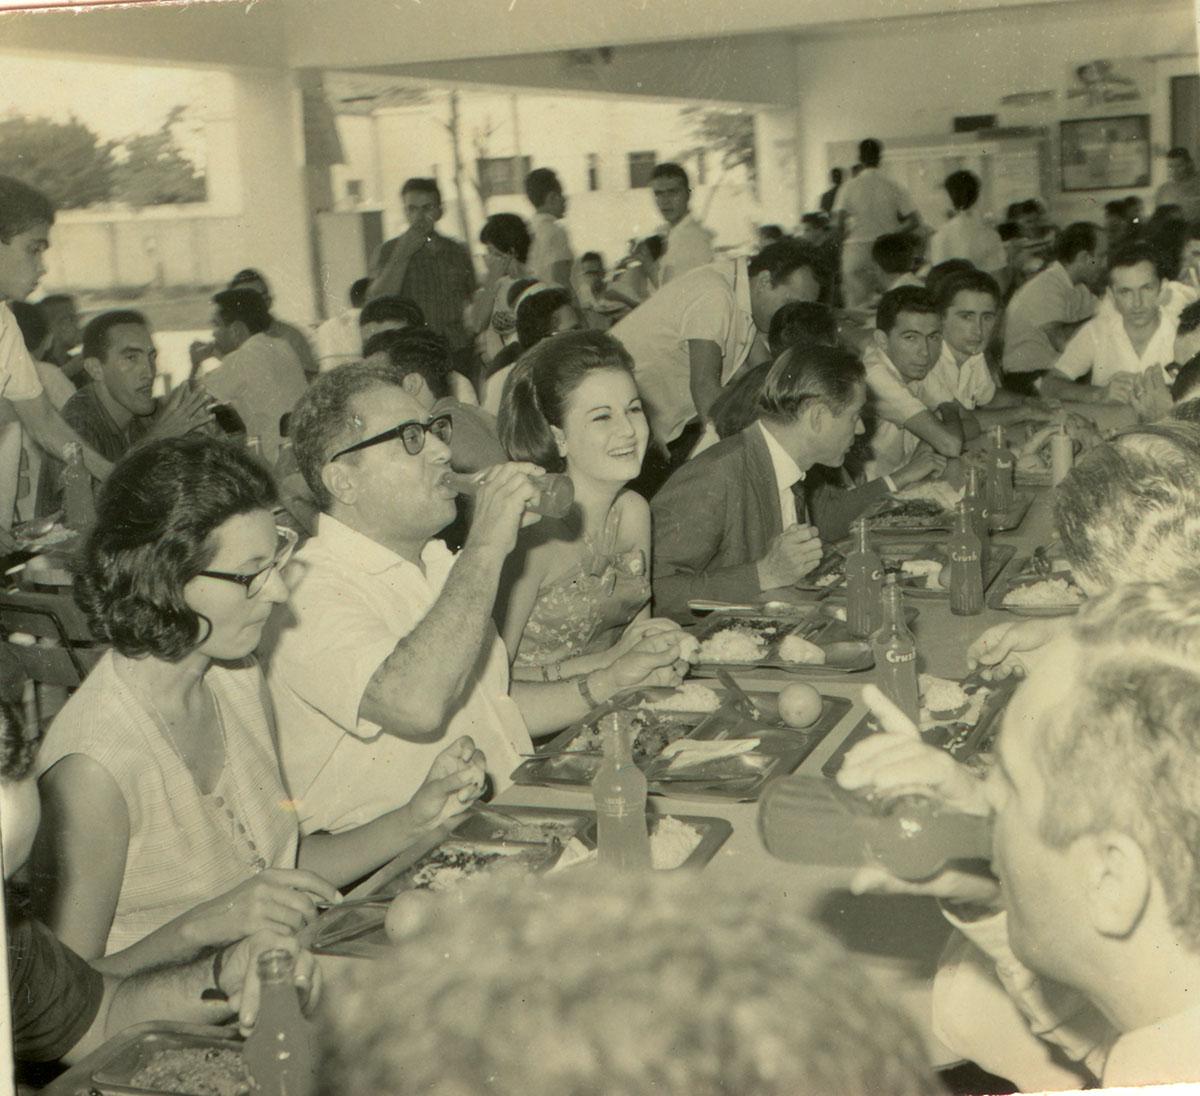 Clube do Estudante Universitário, homenagem ao Reitor Antônio Martins Filho, 12/06/1965.